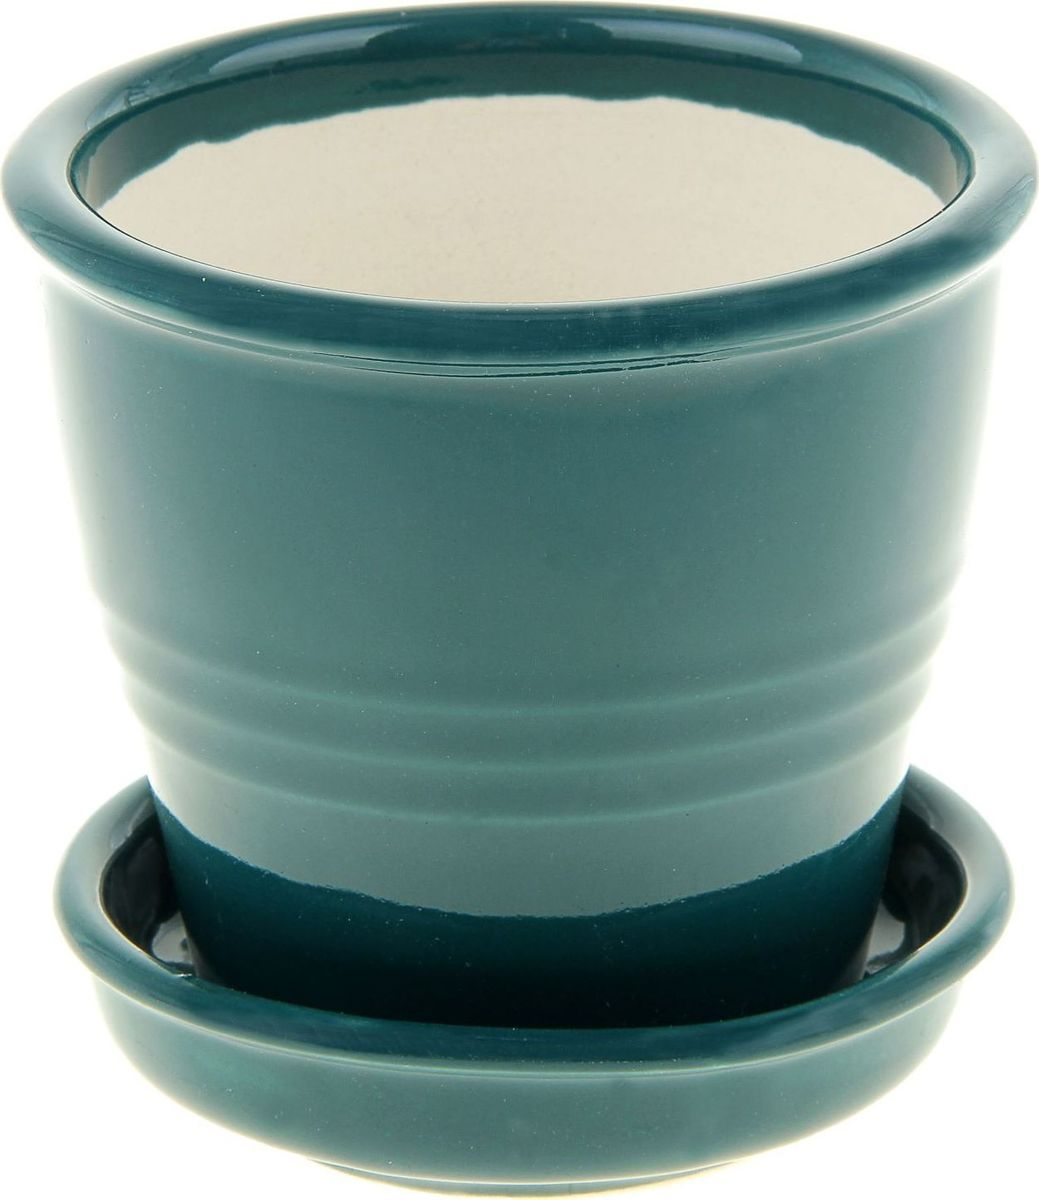 Кашпо Керамика ручной работы Классик, цвет: хром, 230 мл835549Комнатные растения - всеобщие любимцы. Они радуют глаз, насыщают помещение кислородом и украшают пространство. Каждому из них необходим свой удобный и красивый дом.Кашпо из керамики прекрасно подходит для высадки растений: за счёт пластичности глины и разных способов обработки существует великое множество форм и дизайнов, пористый материал позволяет испаряться лишней влаге, воздух, необходимый для дыхания корней, проникает сквозь керамические стенки! Изделие освежит интерьер и подчеркнёт его стиль.